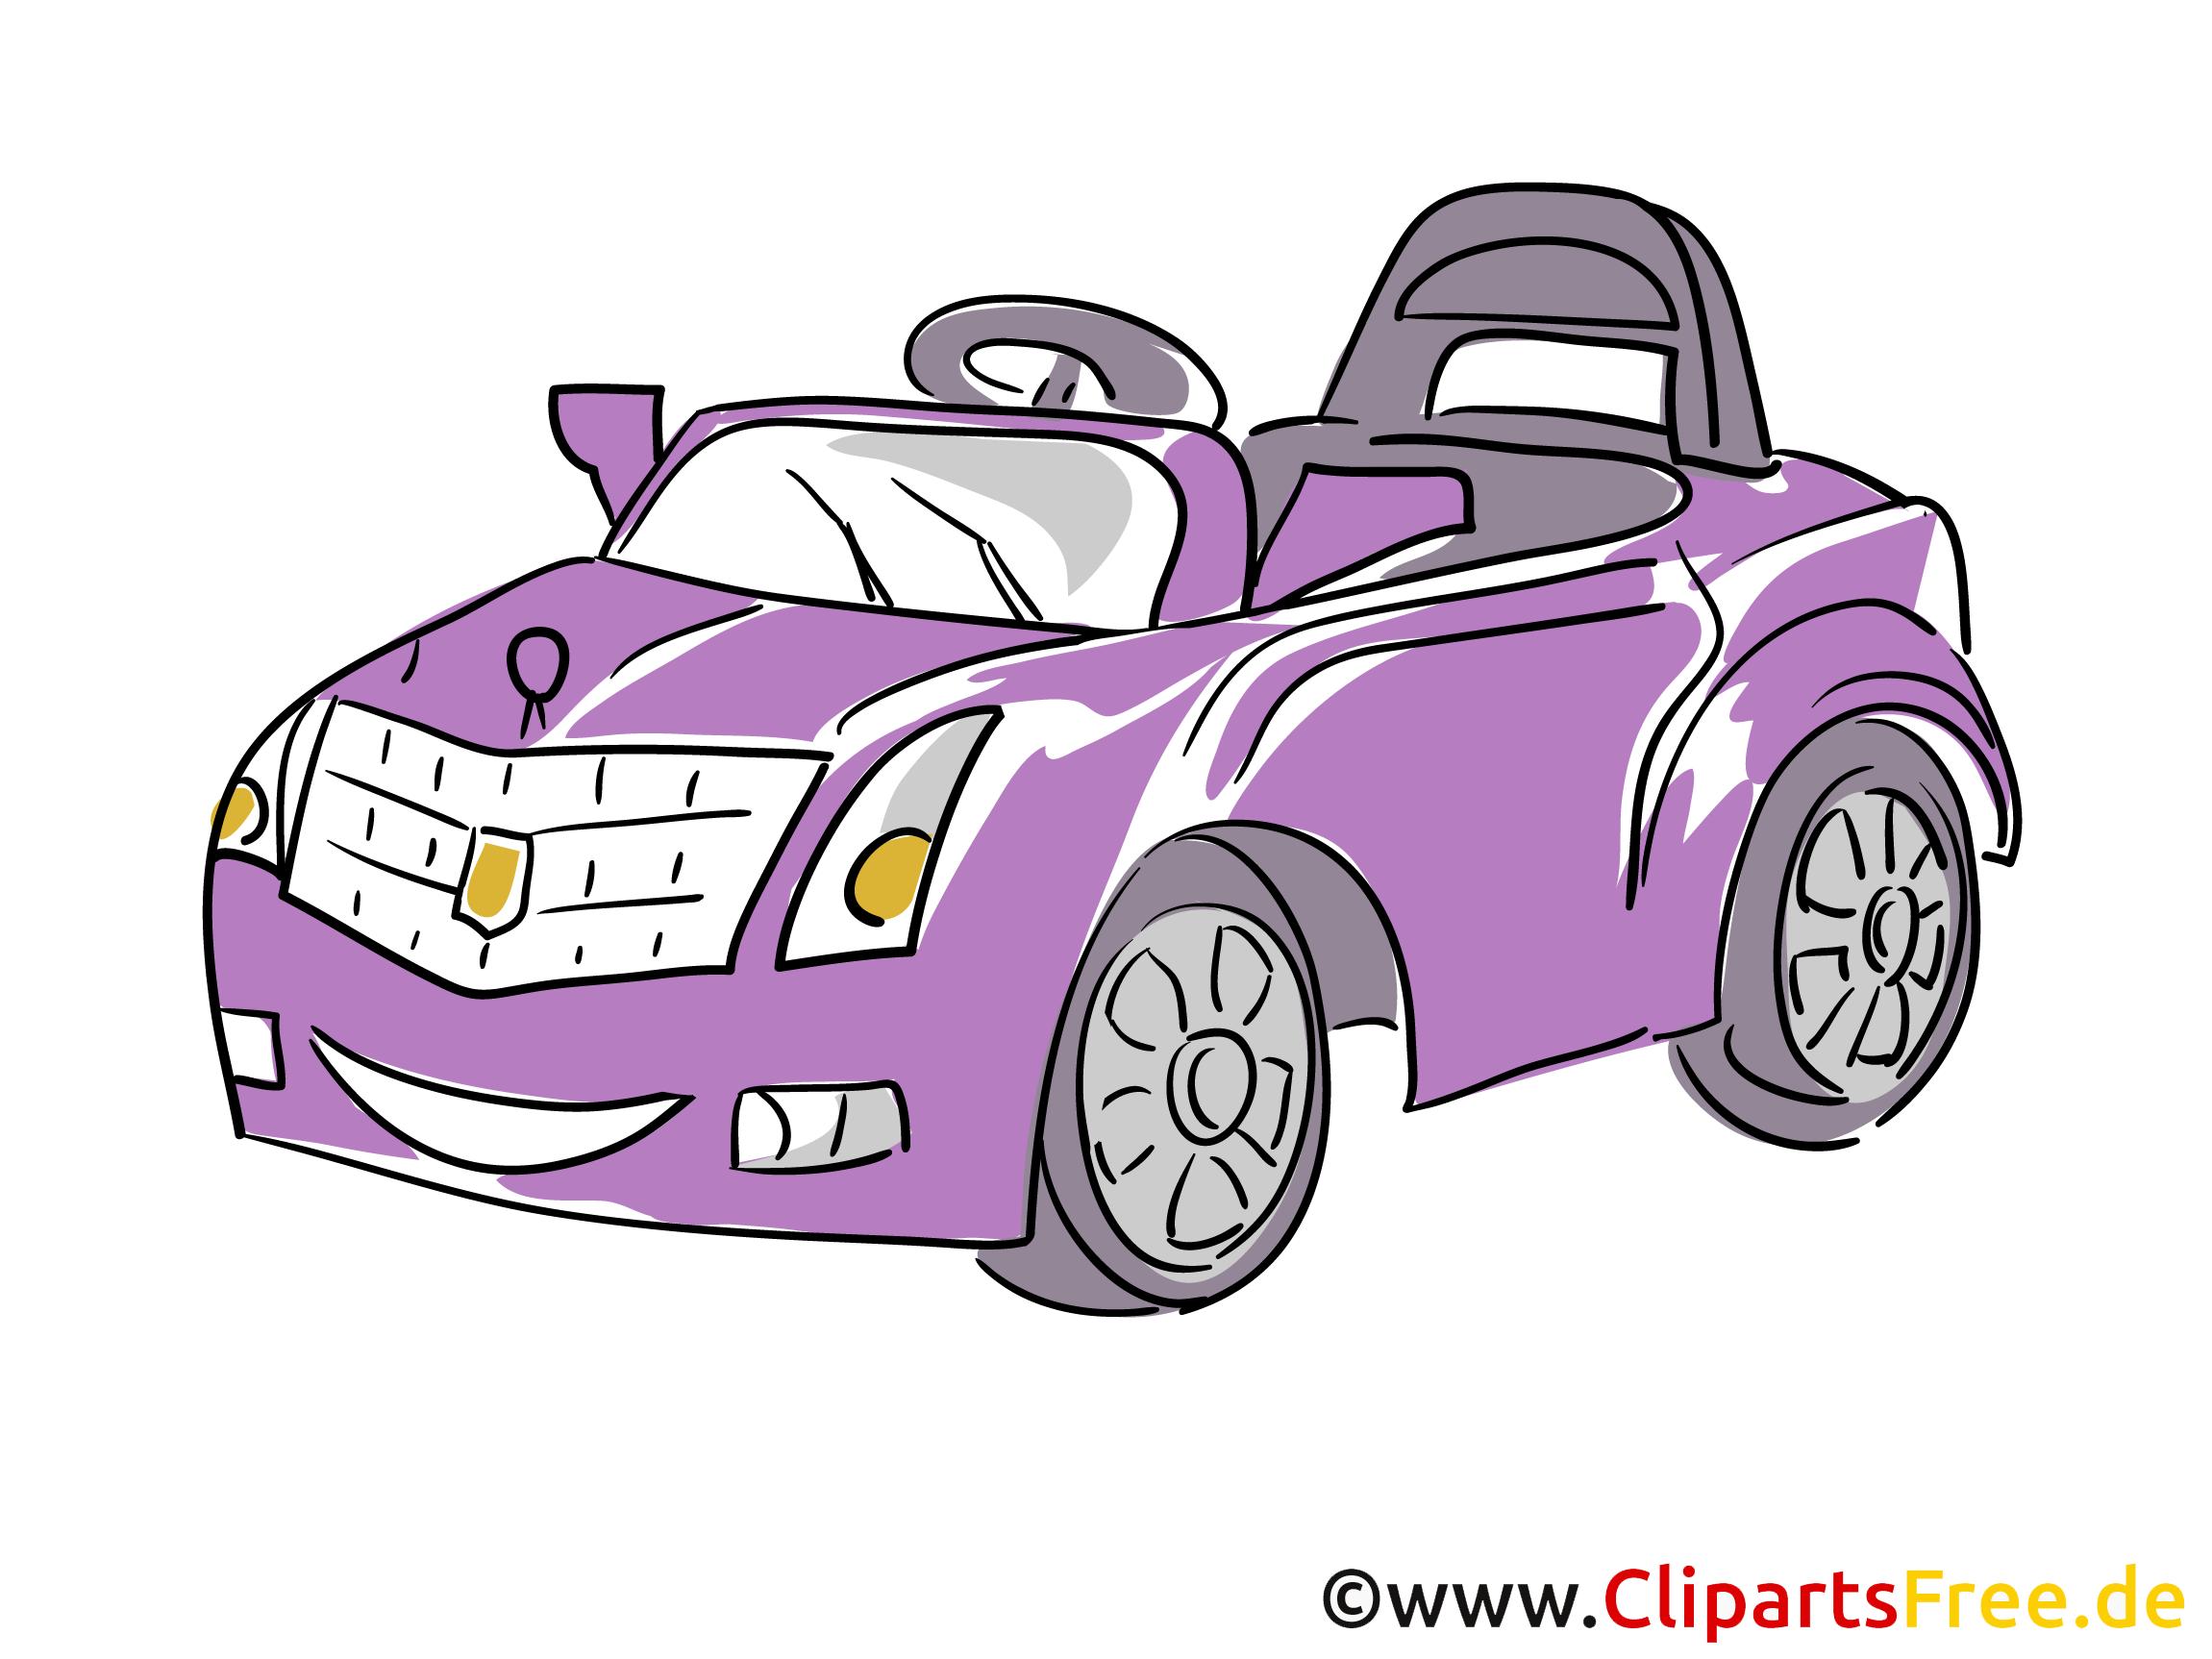 Car Clip Art Image